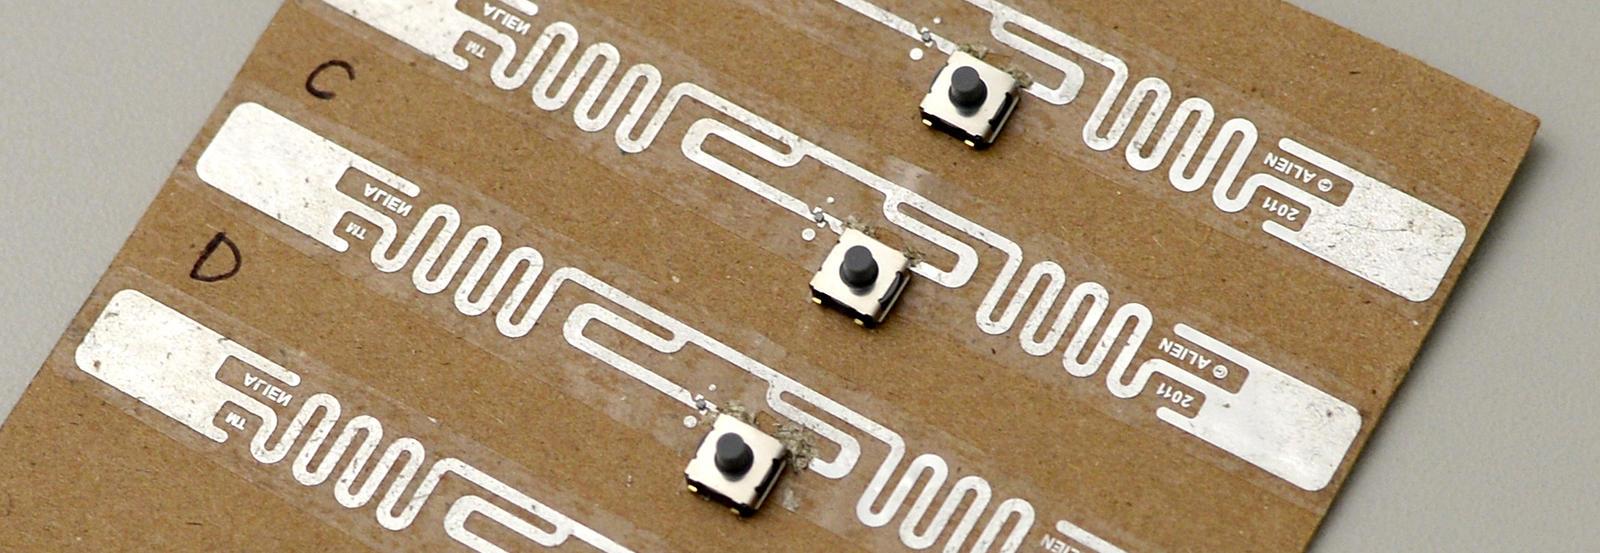 An RFID tag